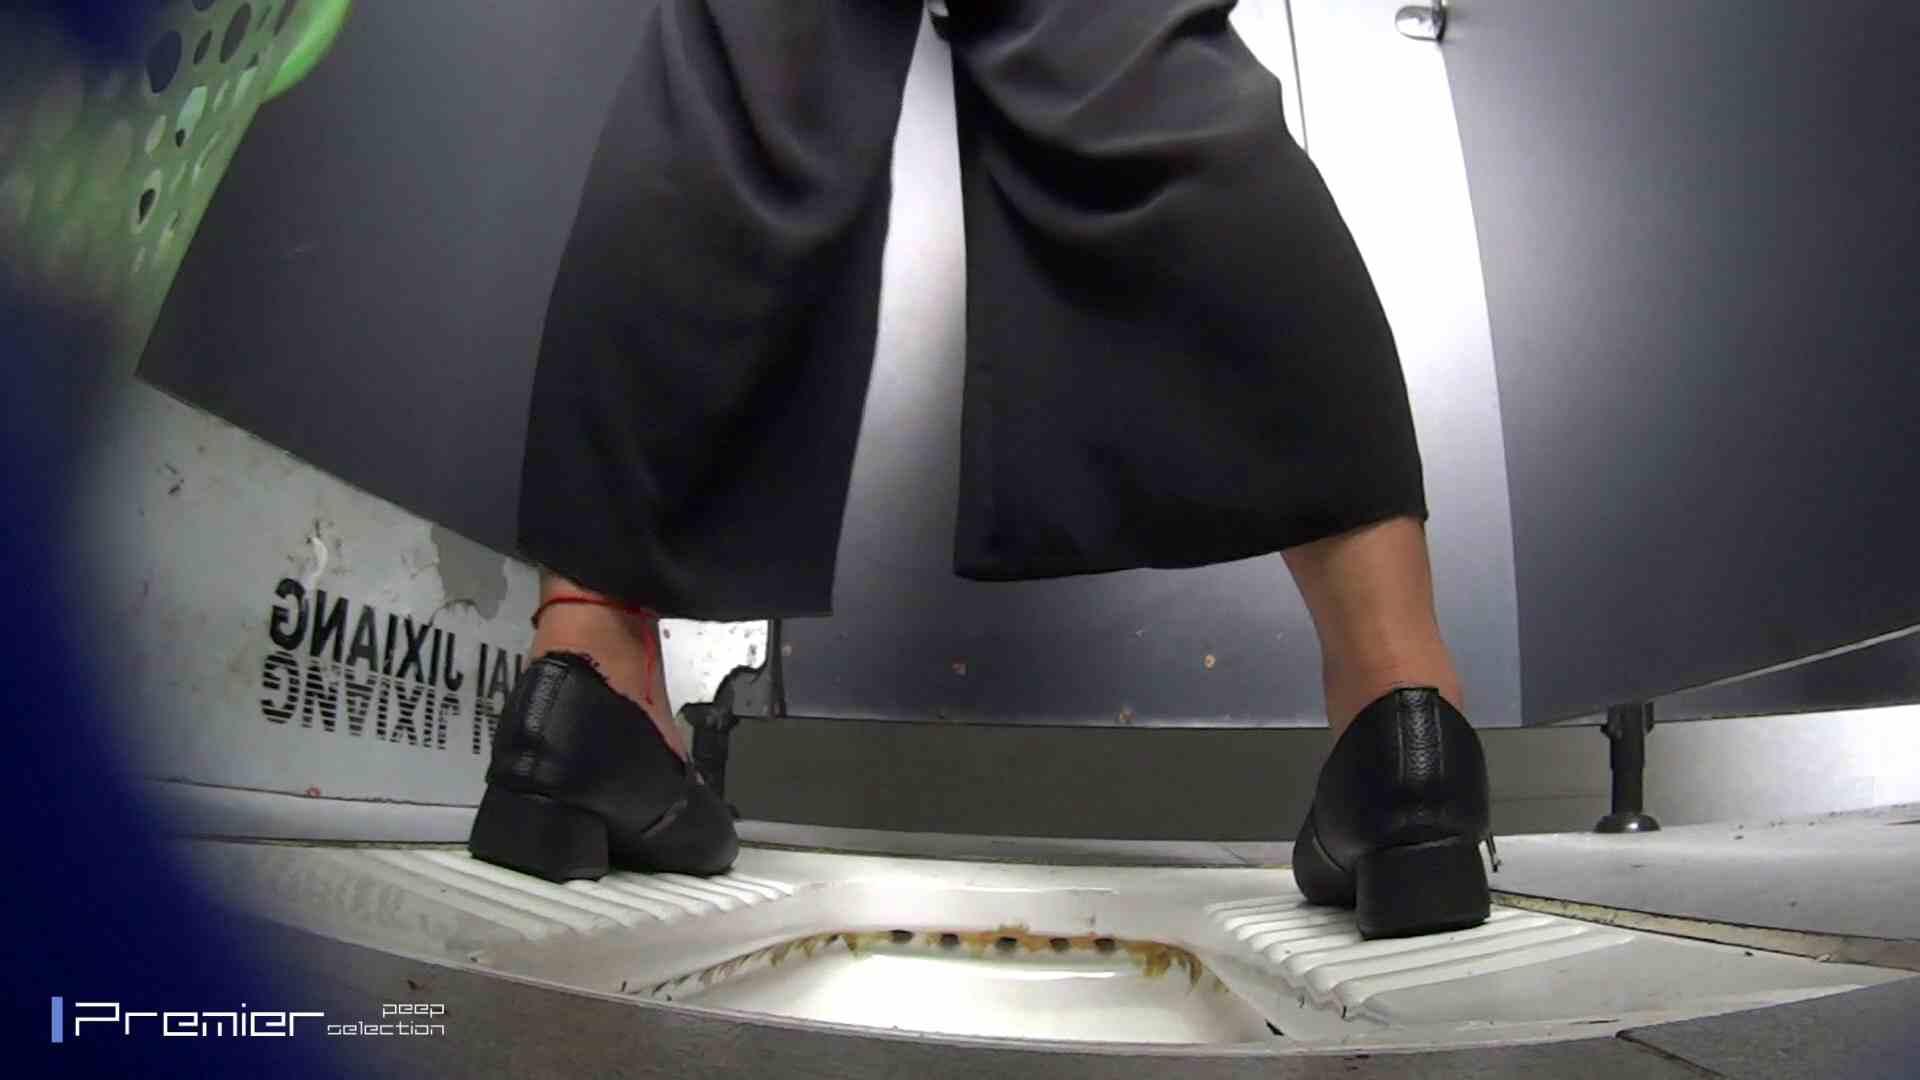 夏全開!ハーフパンツのギャル達 大学休憩時間の洗面所事情44 盗撮  70PIX 11